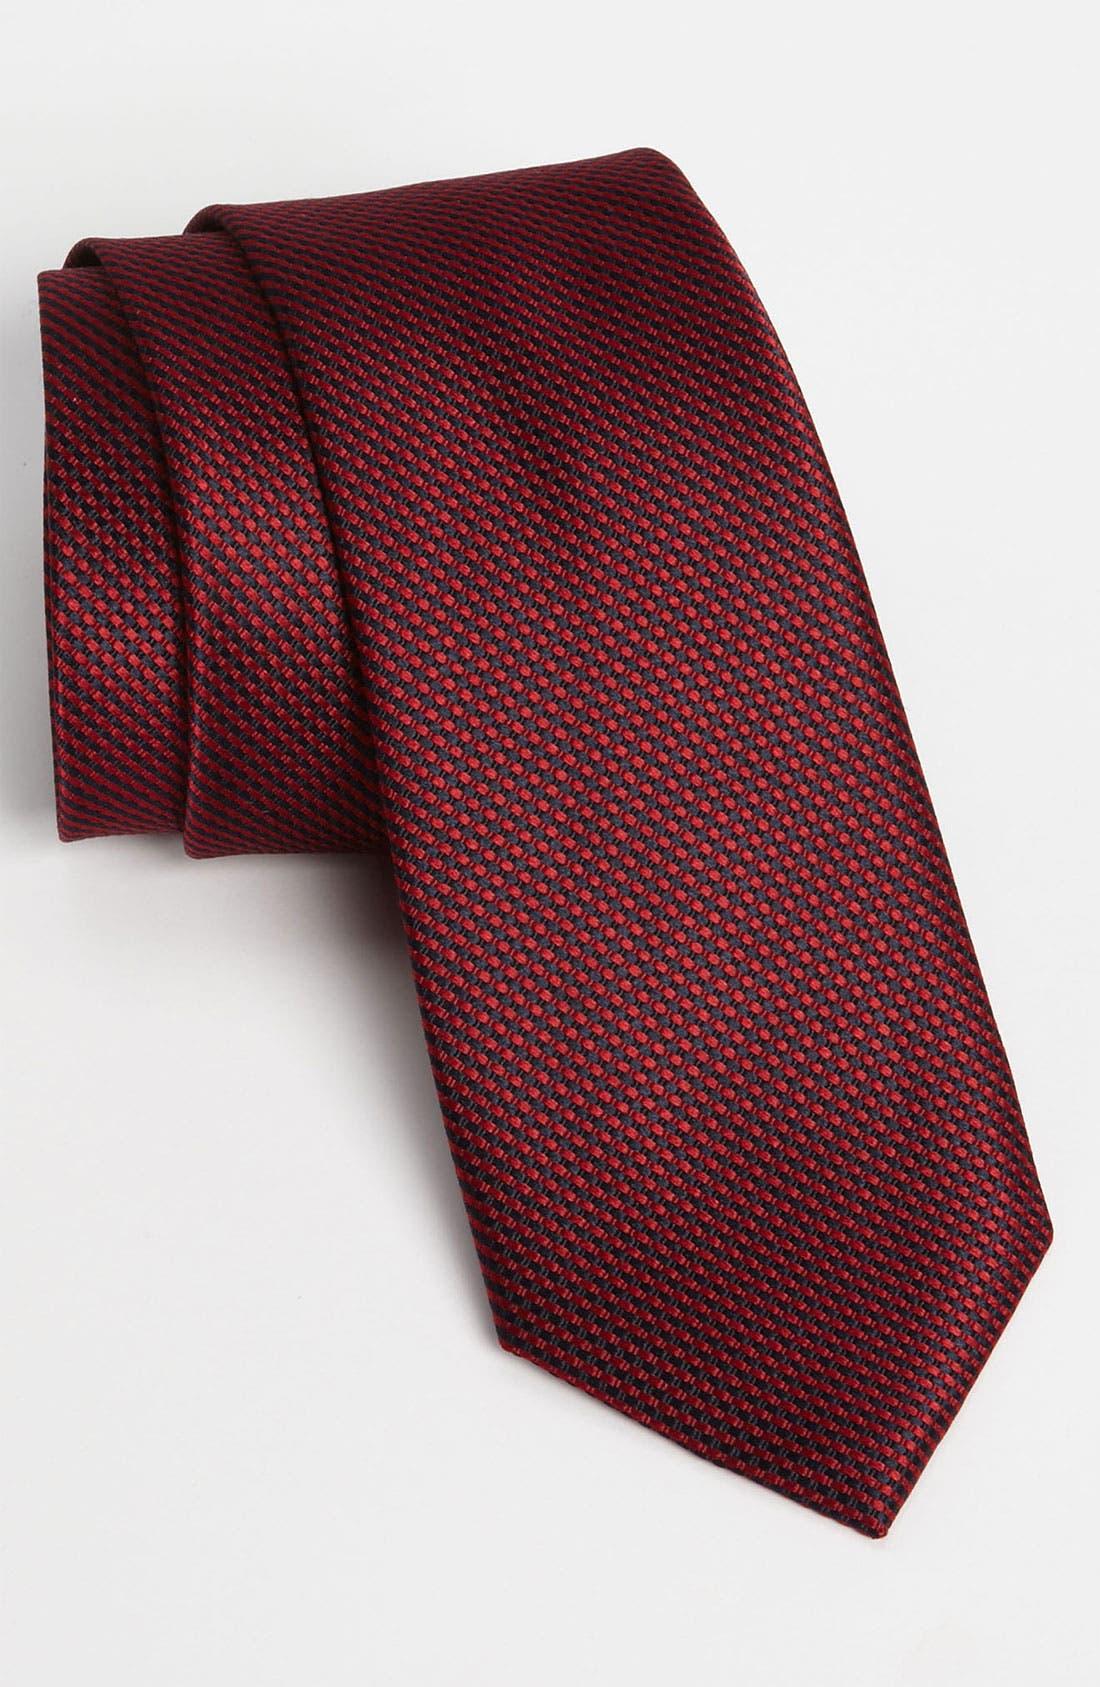 Main Image - Calibrate Woven Silk Tie